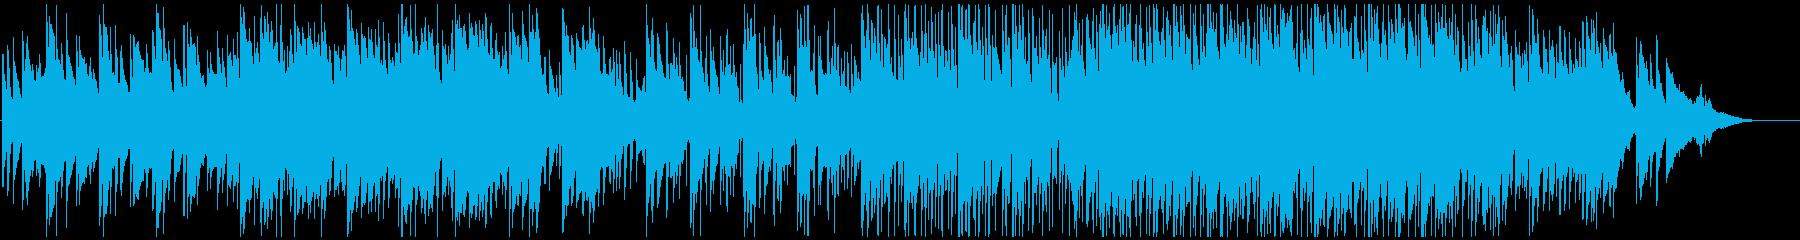 企業用爽やか感動的しっとりポップロックの再生済みの波形